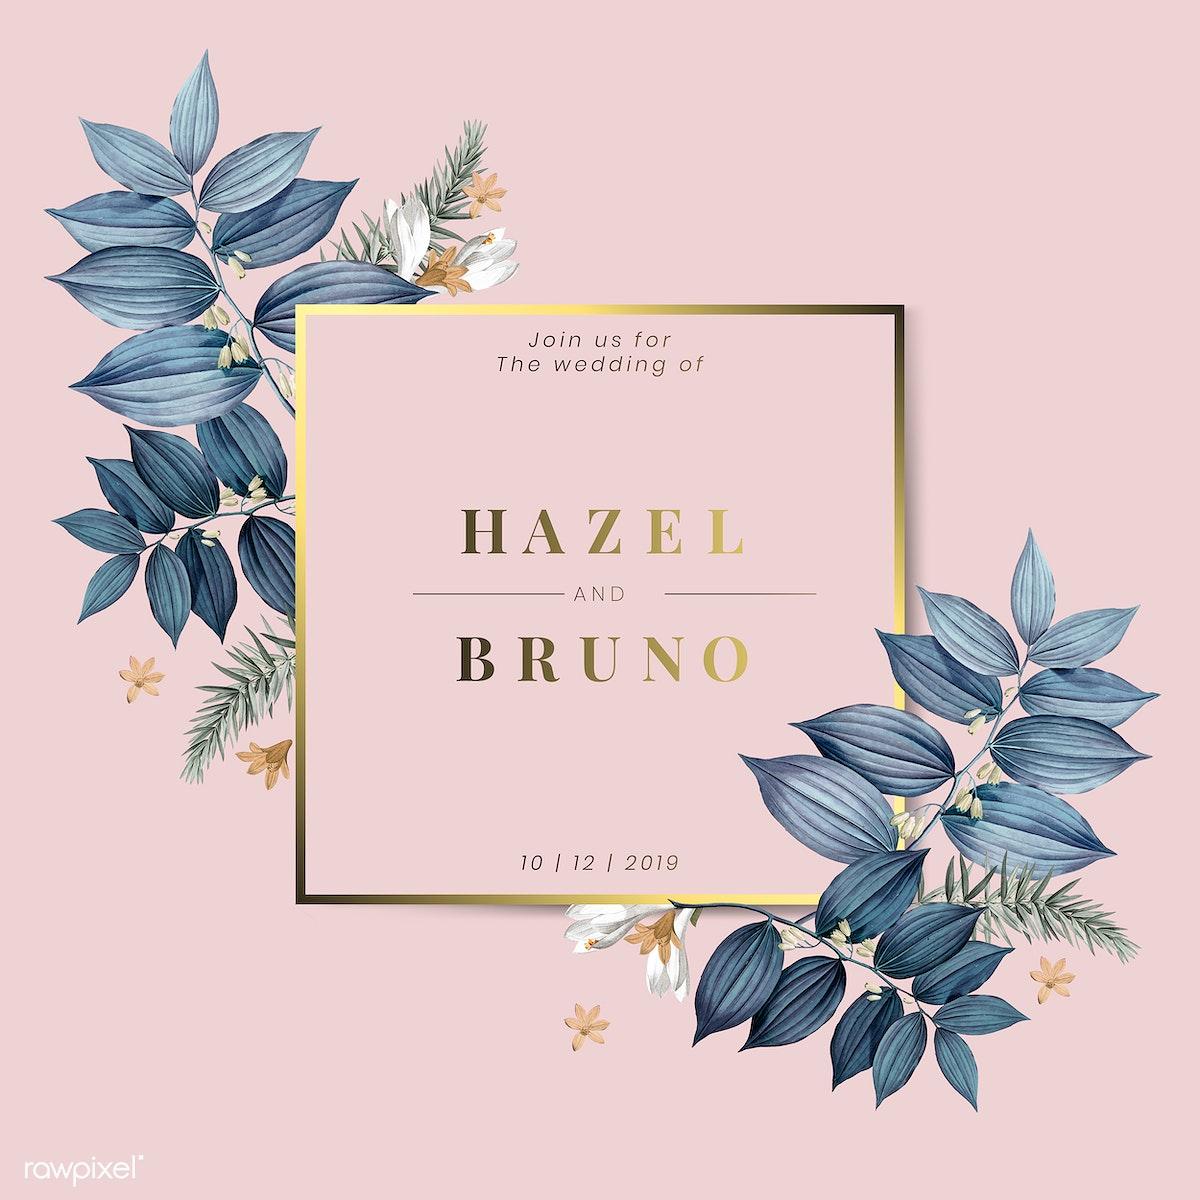 Wedding Invitation Design.Download Premium Illustration Of Floral Wedding Invitation Card Design